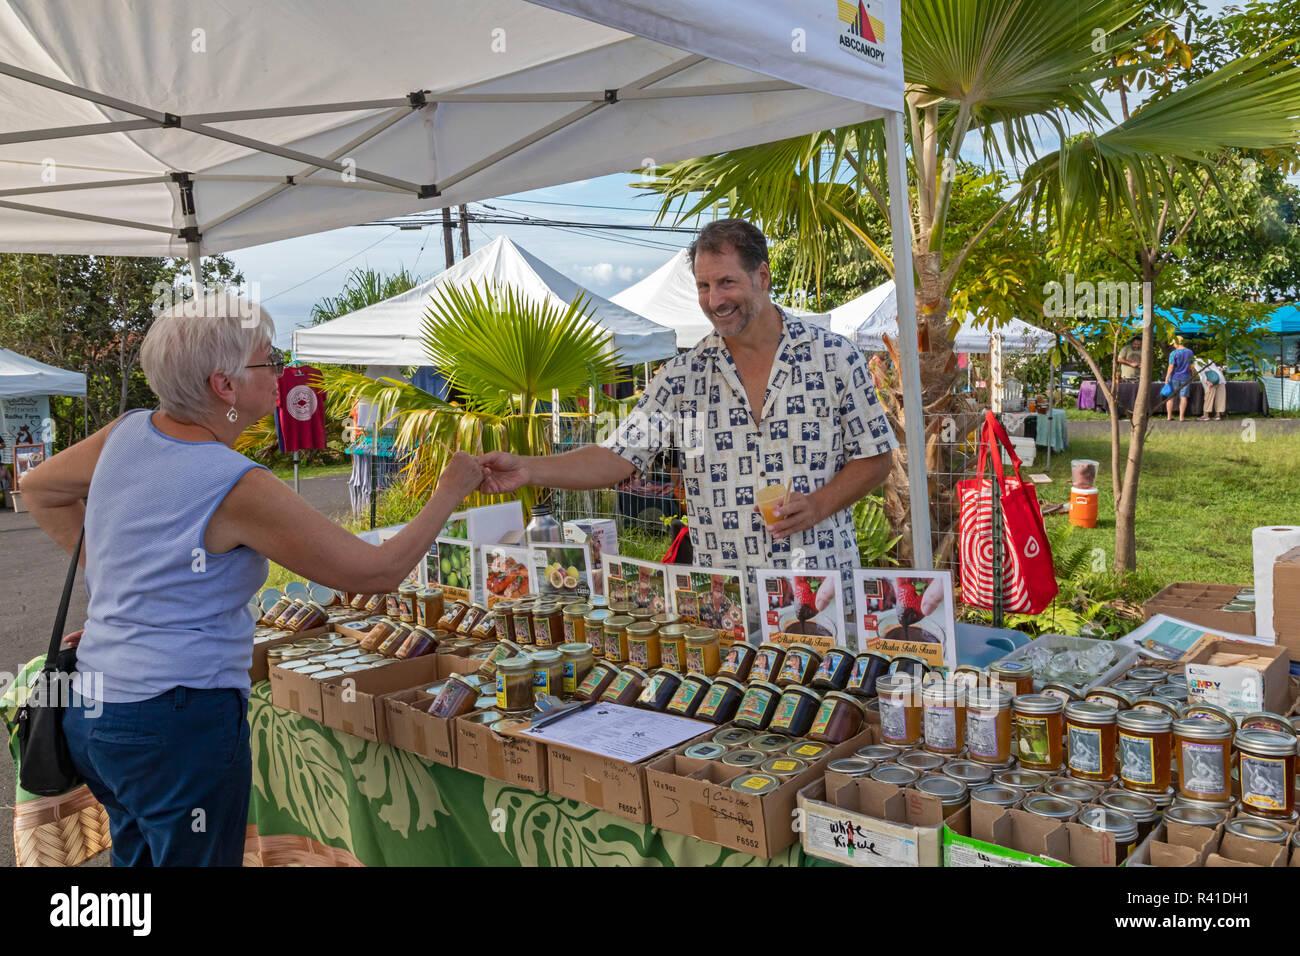 Le capitaine Cook, Hawaii - Un vendeur offre un goût de confiture cultivés localement sur le marché vert pur de Kona. Photo Stock